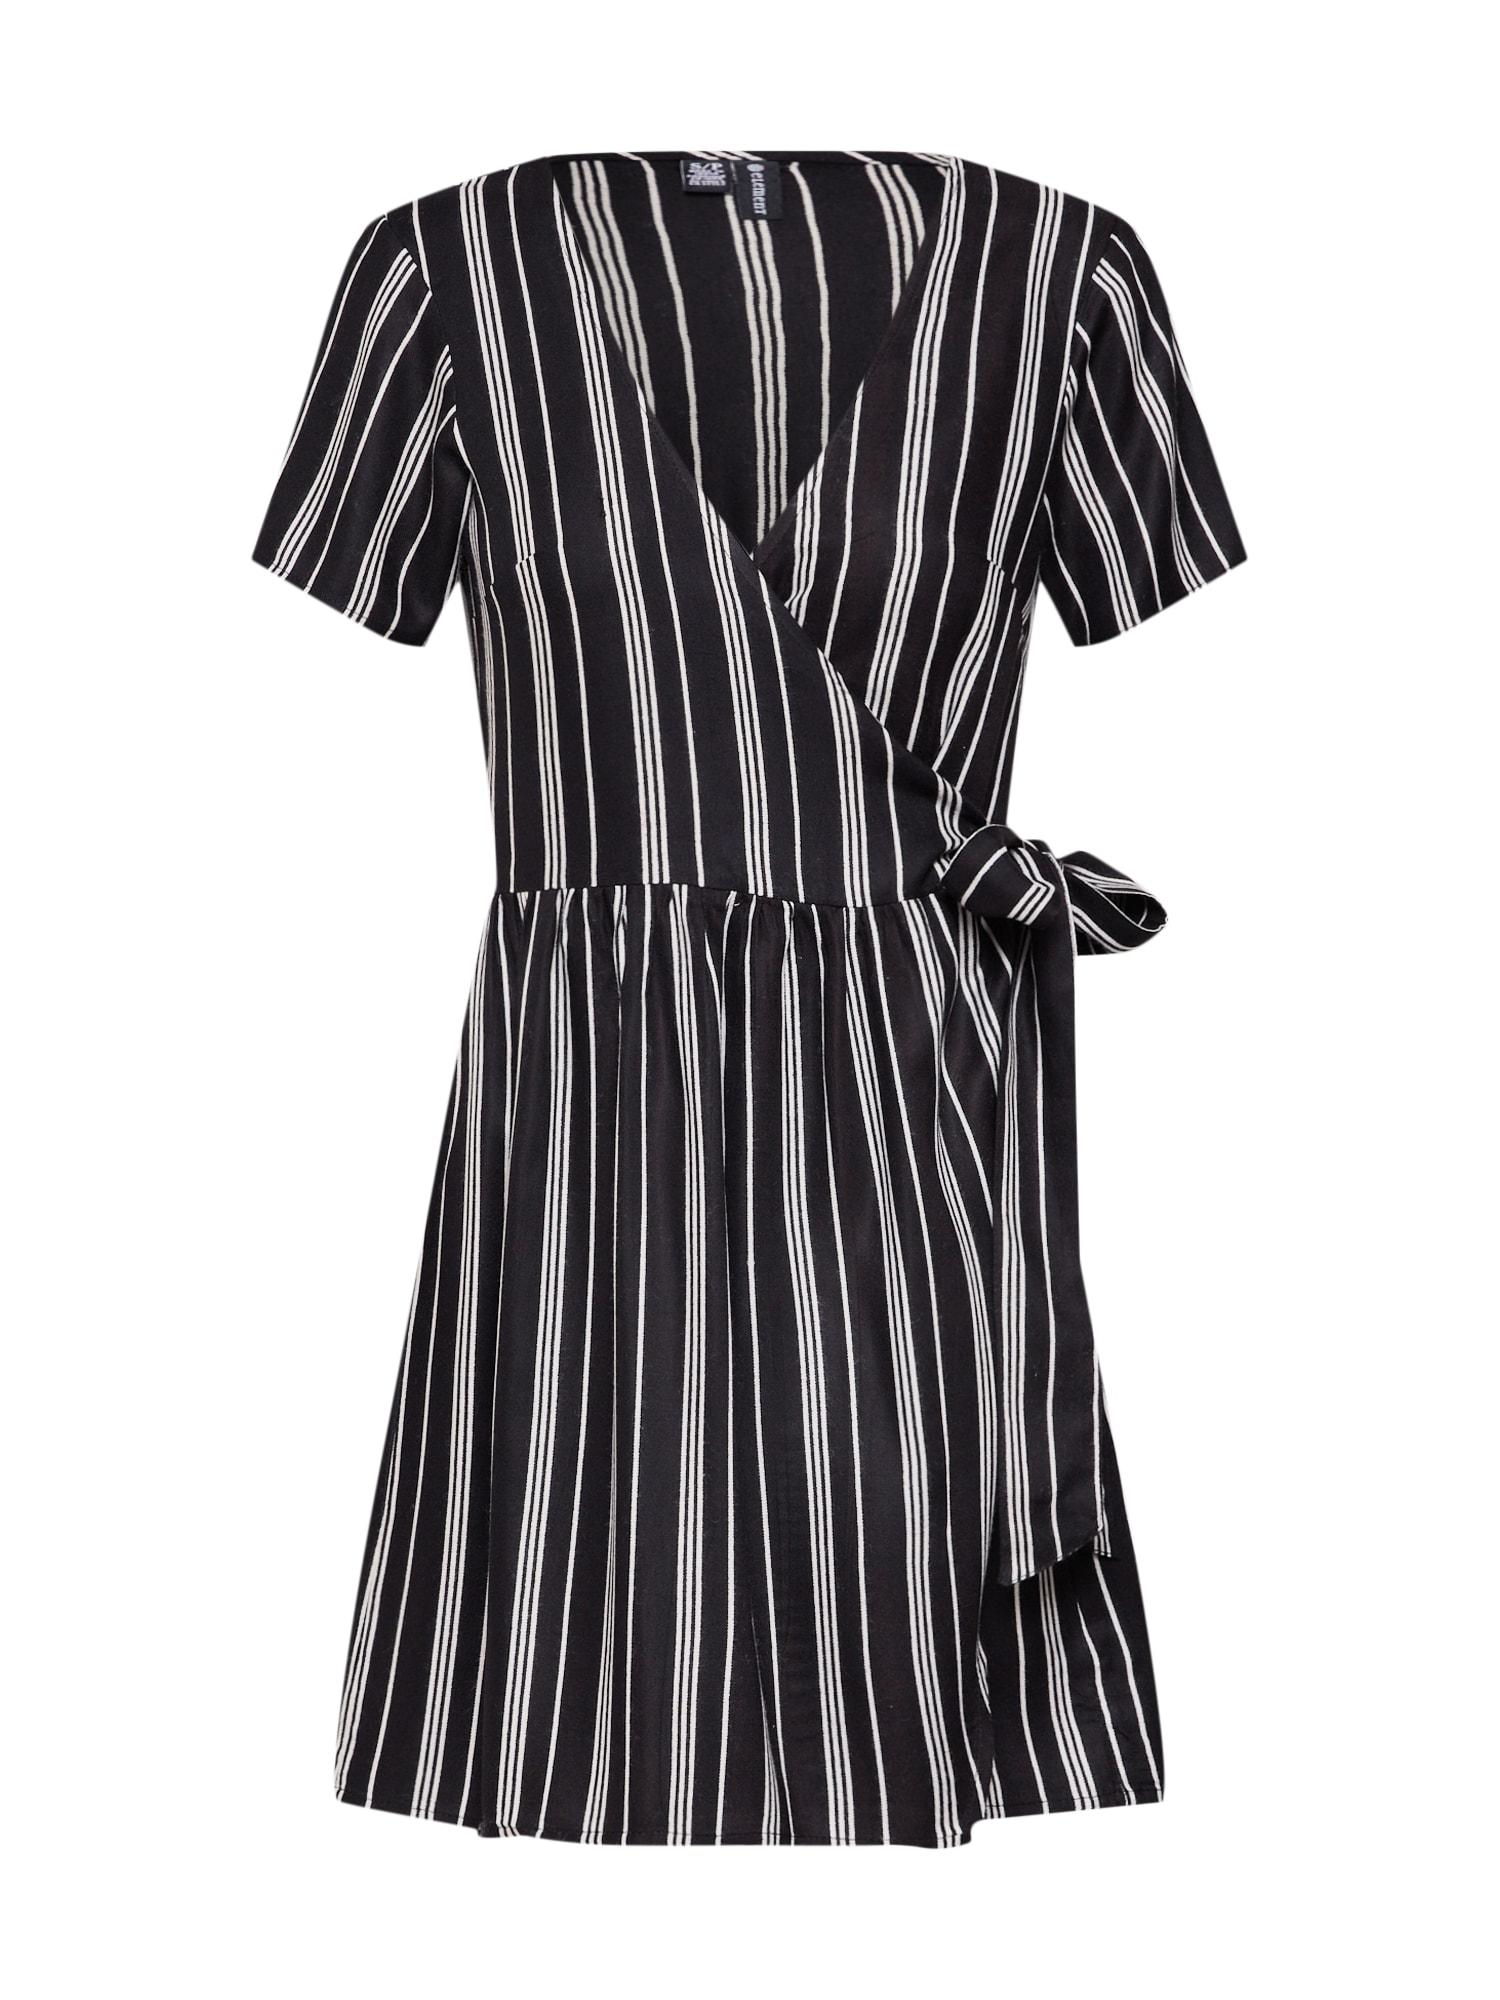 Letní šaty Bella černá bílá ELEMENT